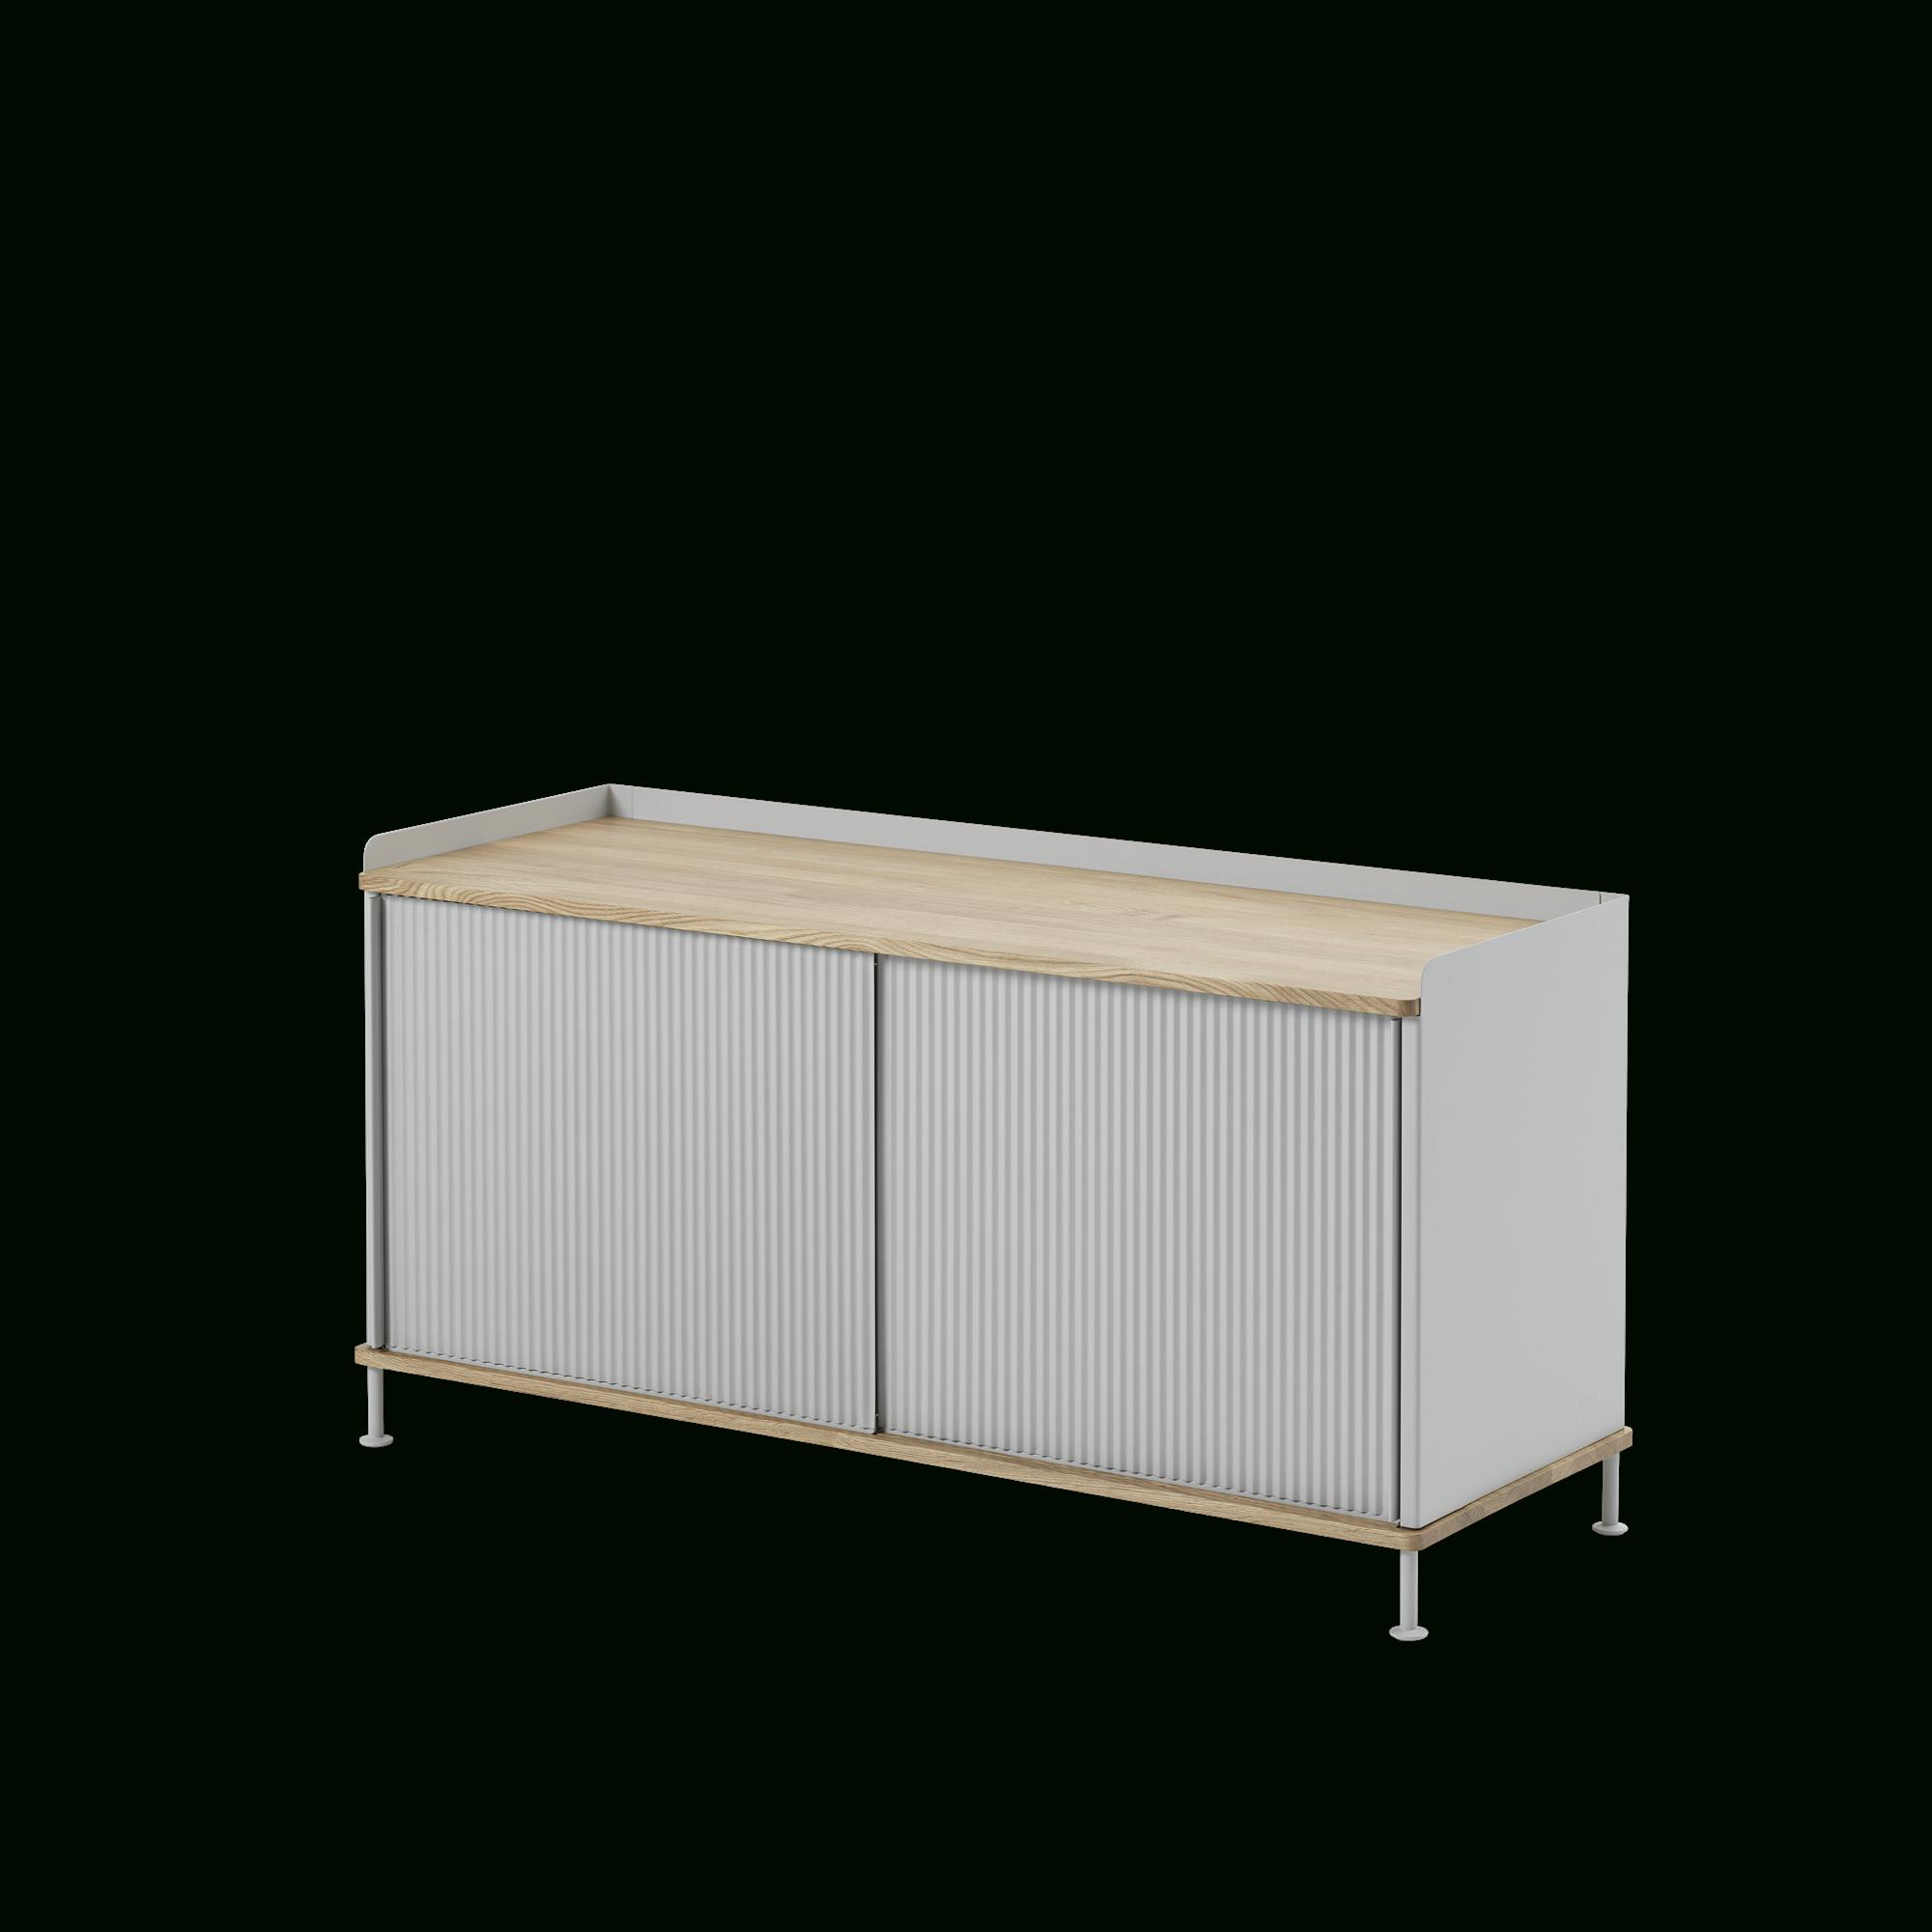 Scandinavian Storage Design Intended For Metal Refinement 4 Door Sideboards (View 15 of 20)